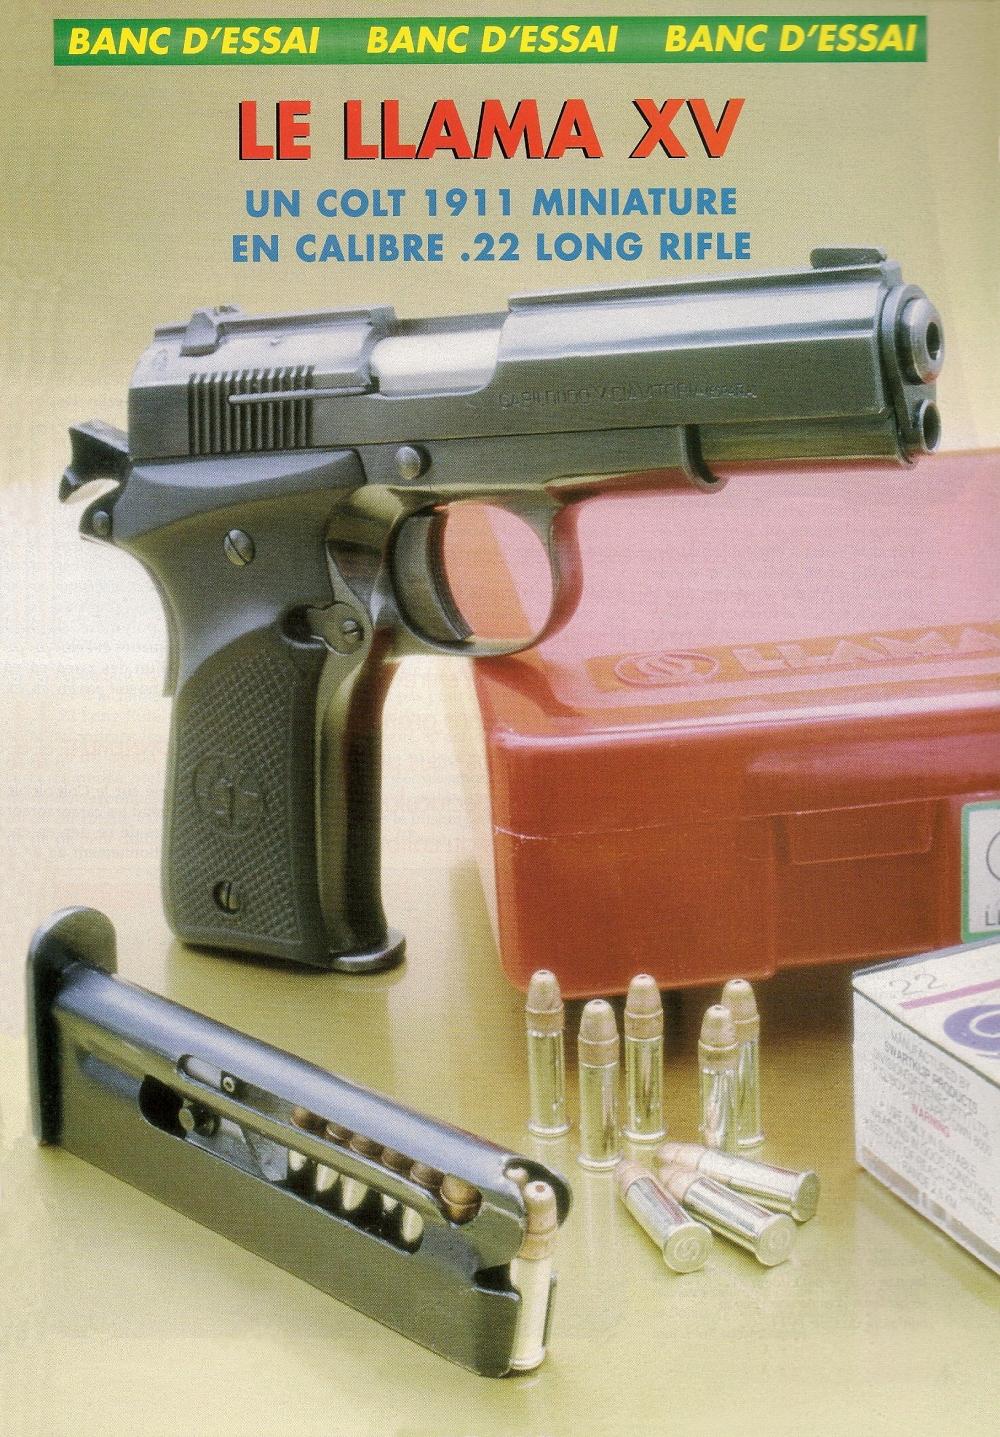 Véritable petit bijou en acier bronzé noir, le petit Llama XV se présente comme une version miniature du Colt 1911. De plus, à condition de choisir des distances de tir et des dimensions de cibles réalistes pour une petite arme de poche, ce pistolet offre des prestations tout à fait satisfaisantes.